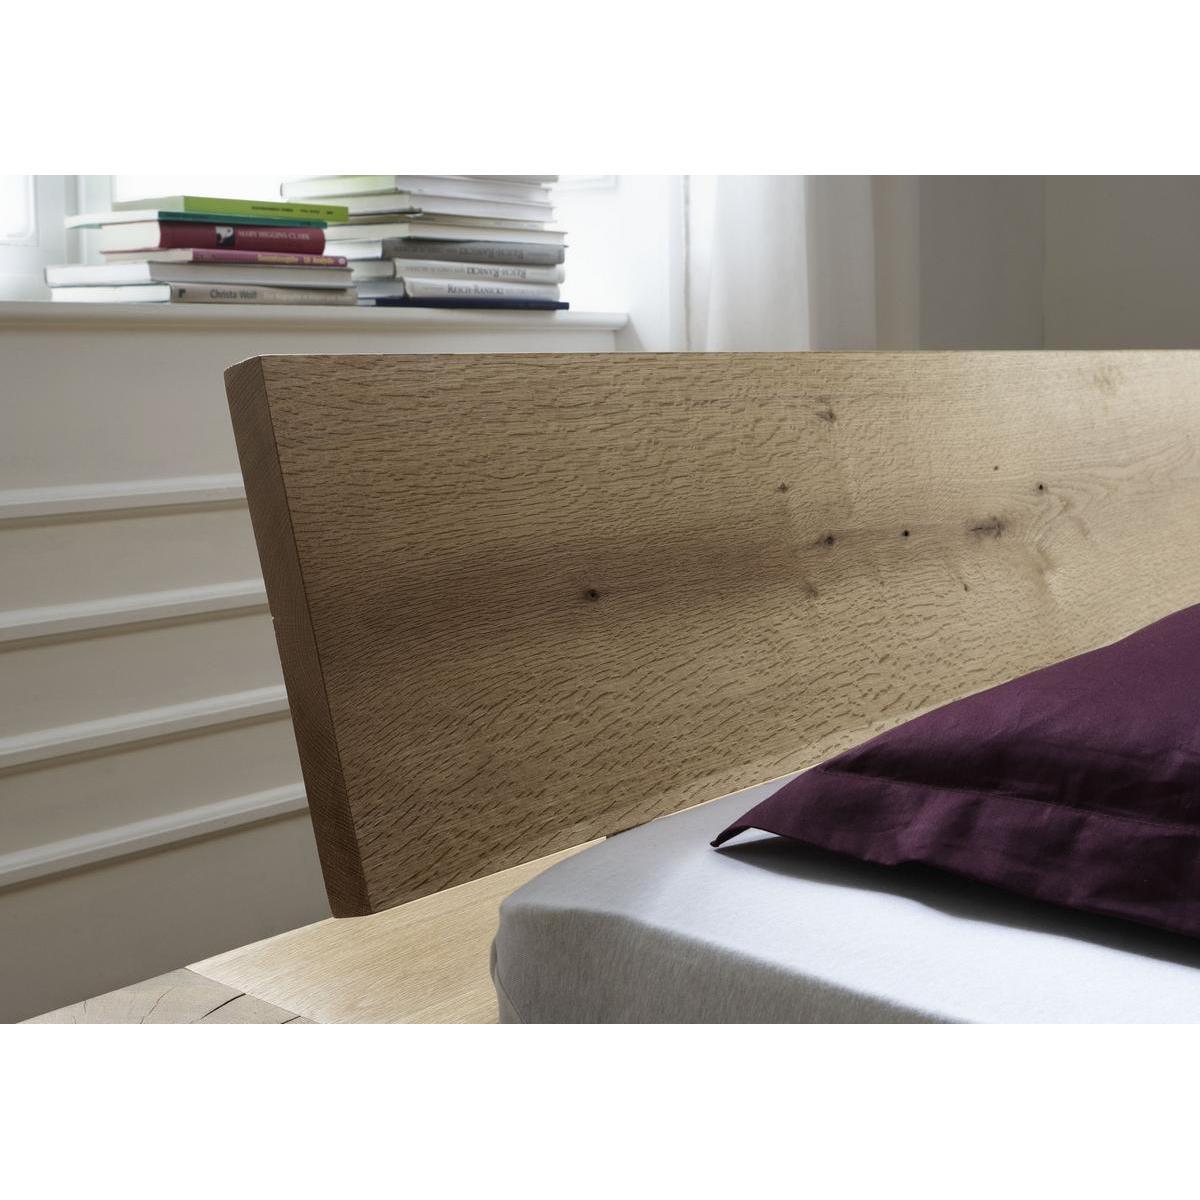 vollholz balkenbett 140x200 heavy sleep alba wildeiche. Black Bedroom Furniture Sets. Home Design Ideas